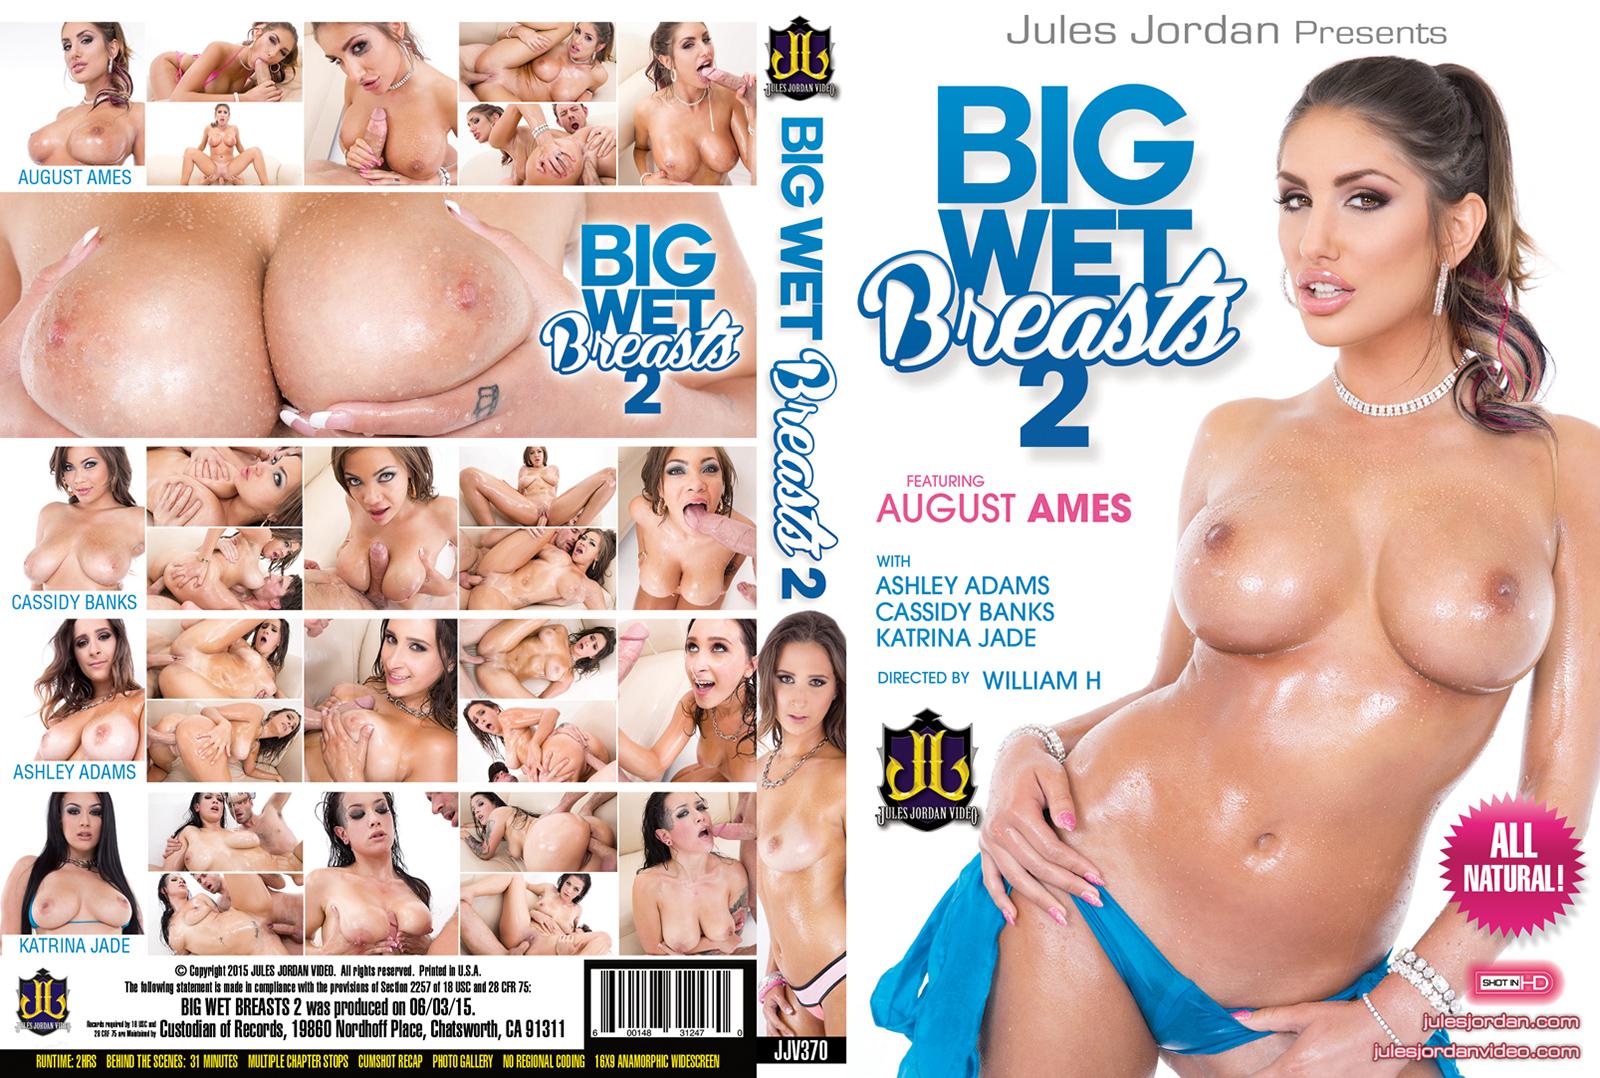 Big Boobs en natte pussy pics